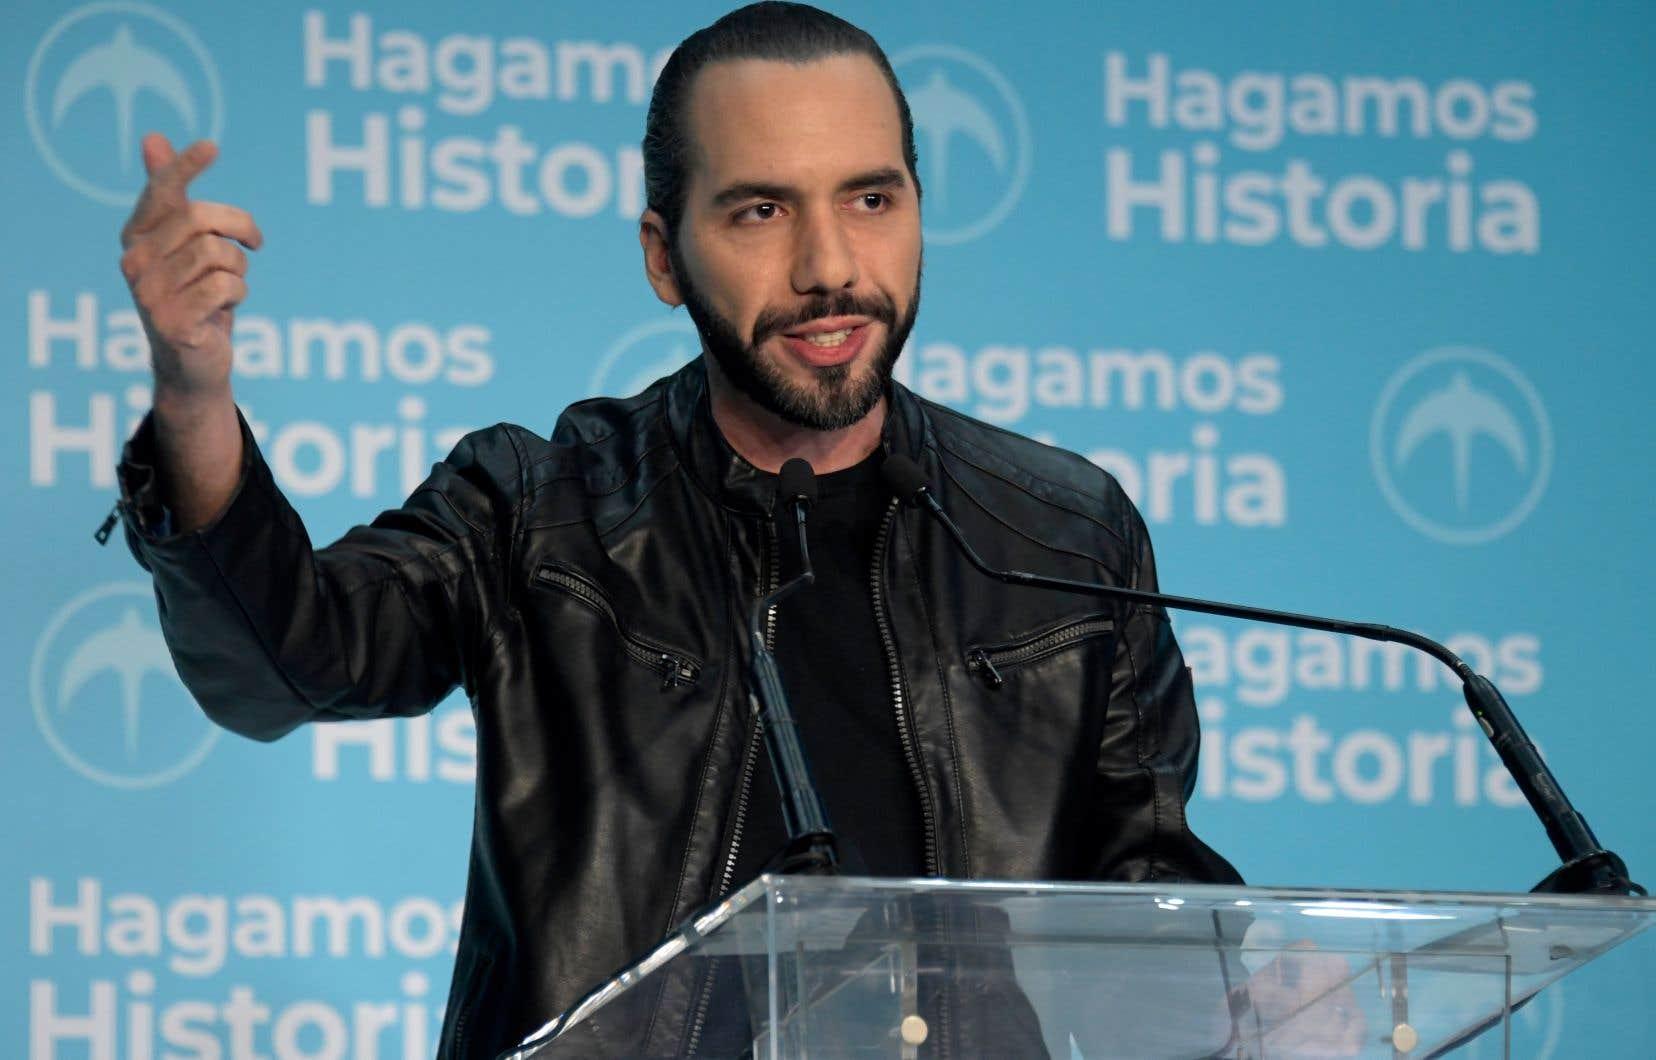 Le nouveau président du Salvador, Nayib Bukele, s'est donné pour mission de rompre avec la double malédiction de la violence des gangs criminels et de la misère.